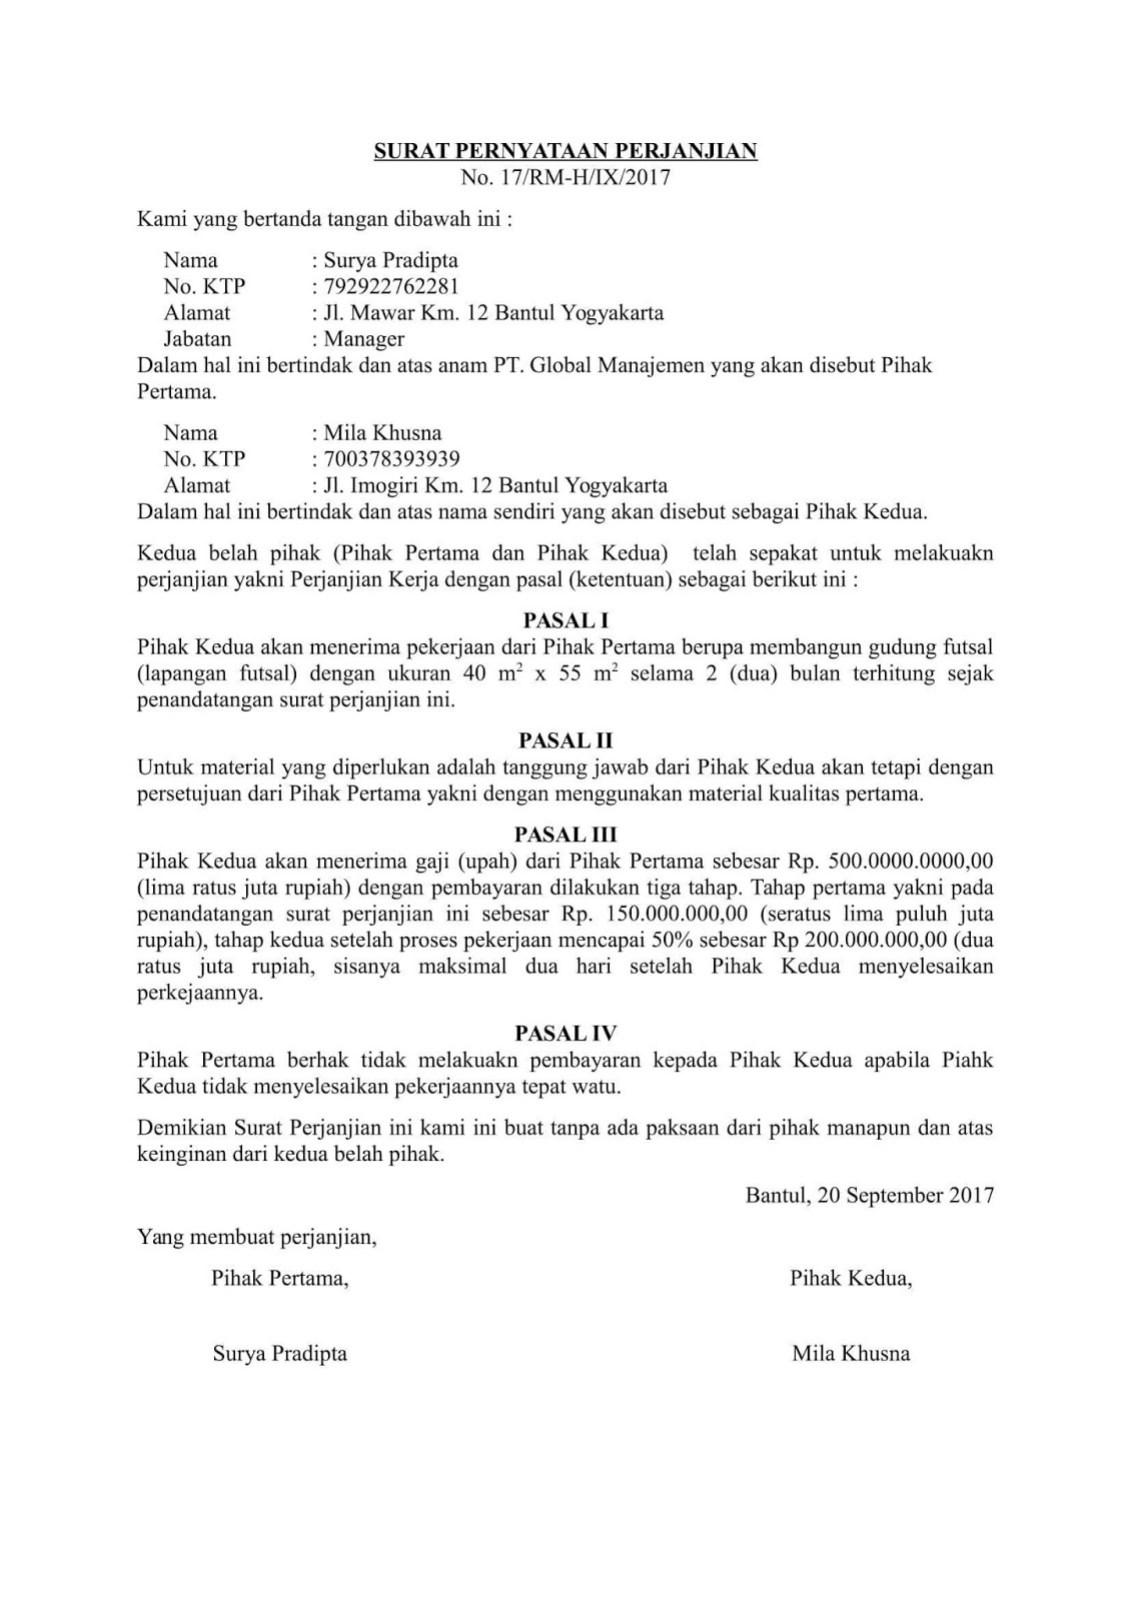 Contoh Surat Pernyataan Perjanjian